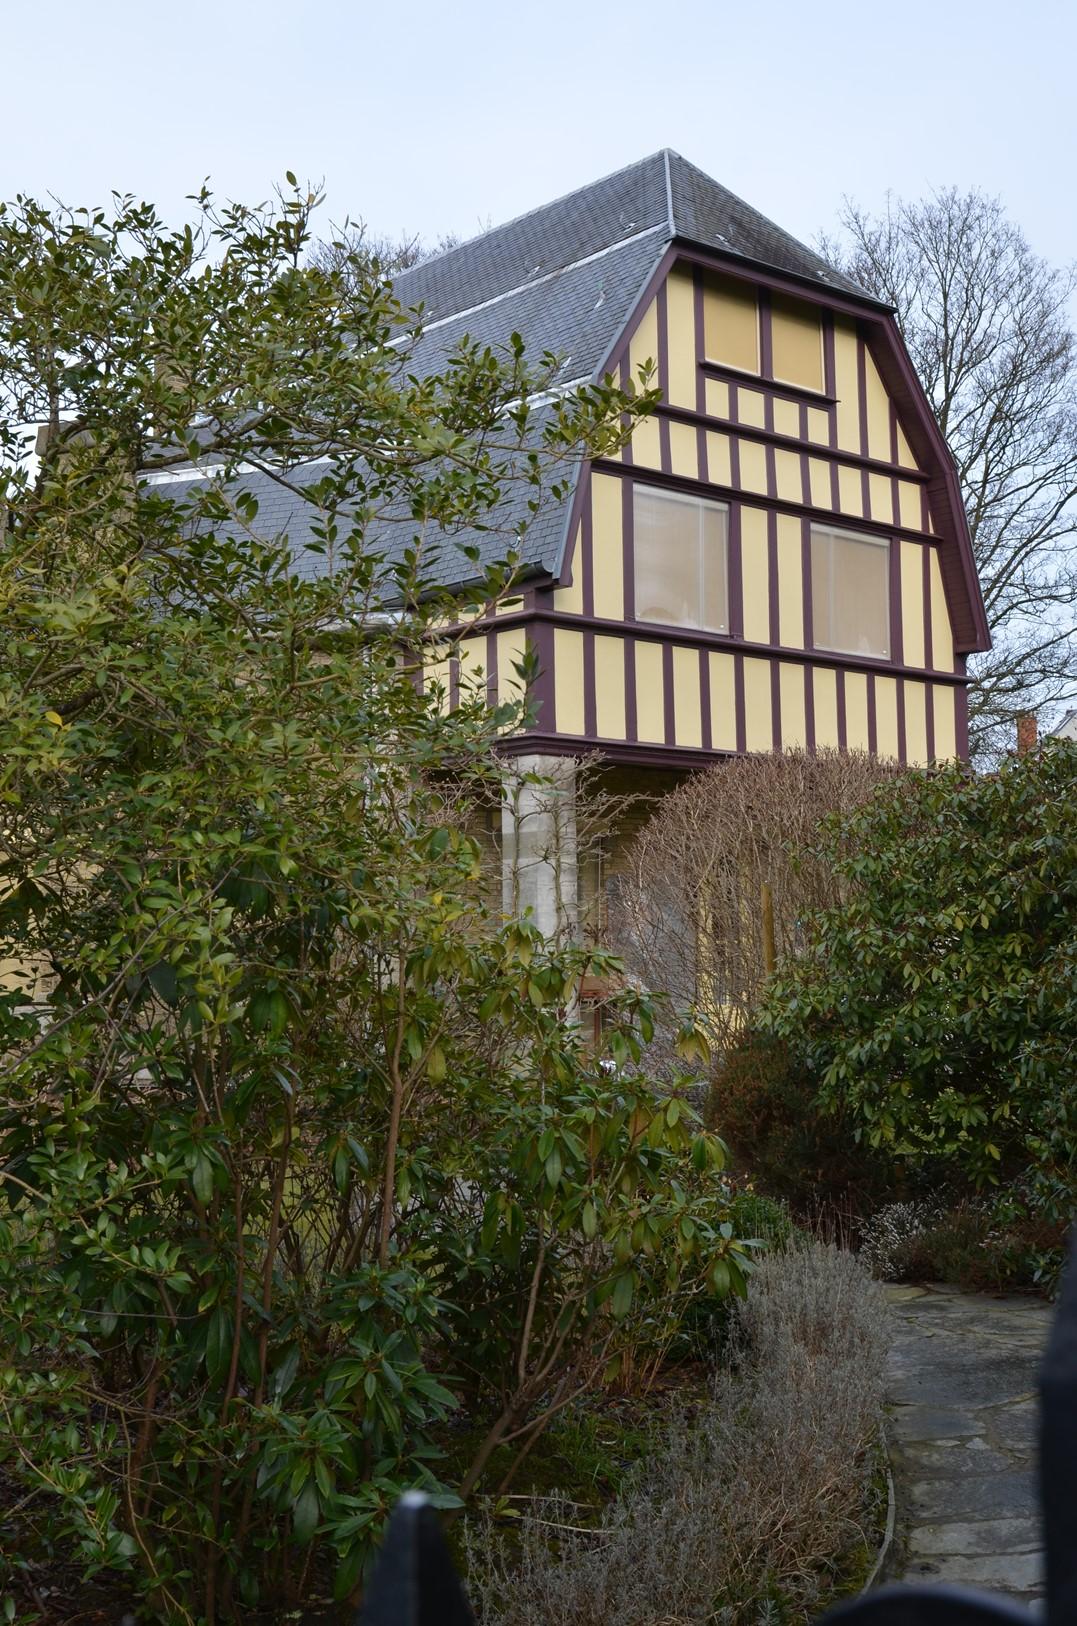 Uccle - Maison Sèthe - Avenue Vanderaey 118 - VAN DE VELDE Henry